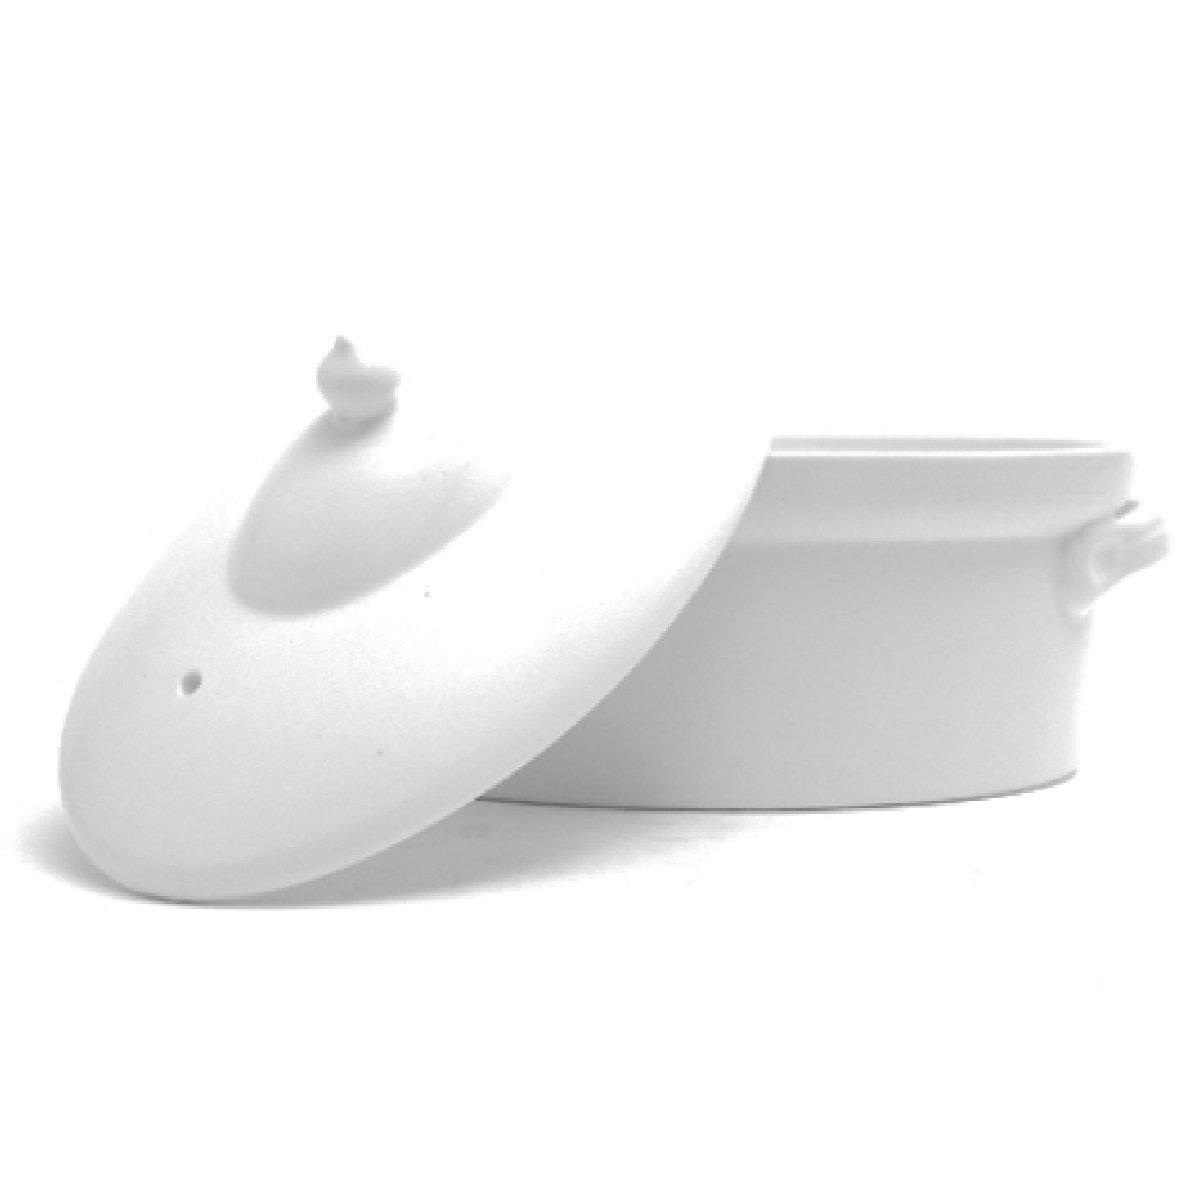 アラジンの鍋 白 詳細画像1